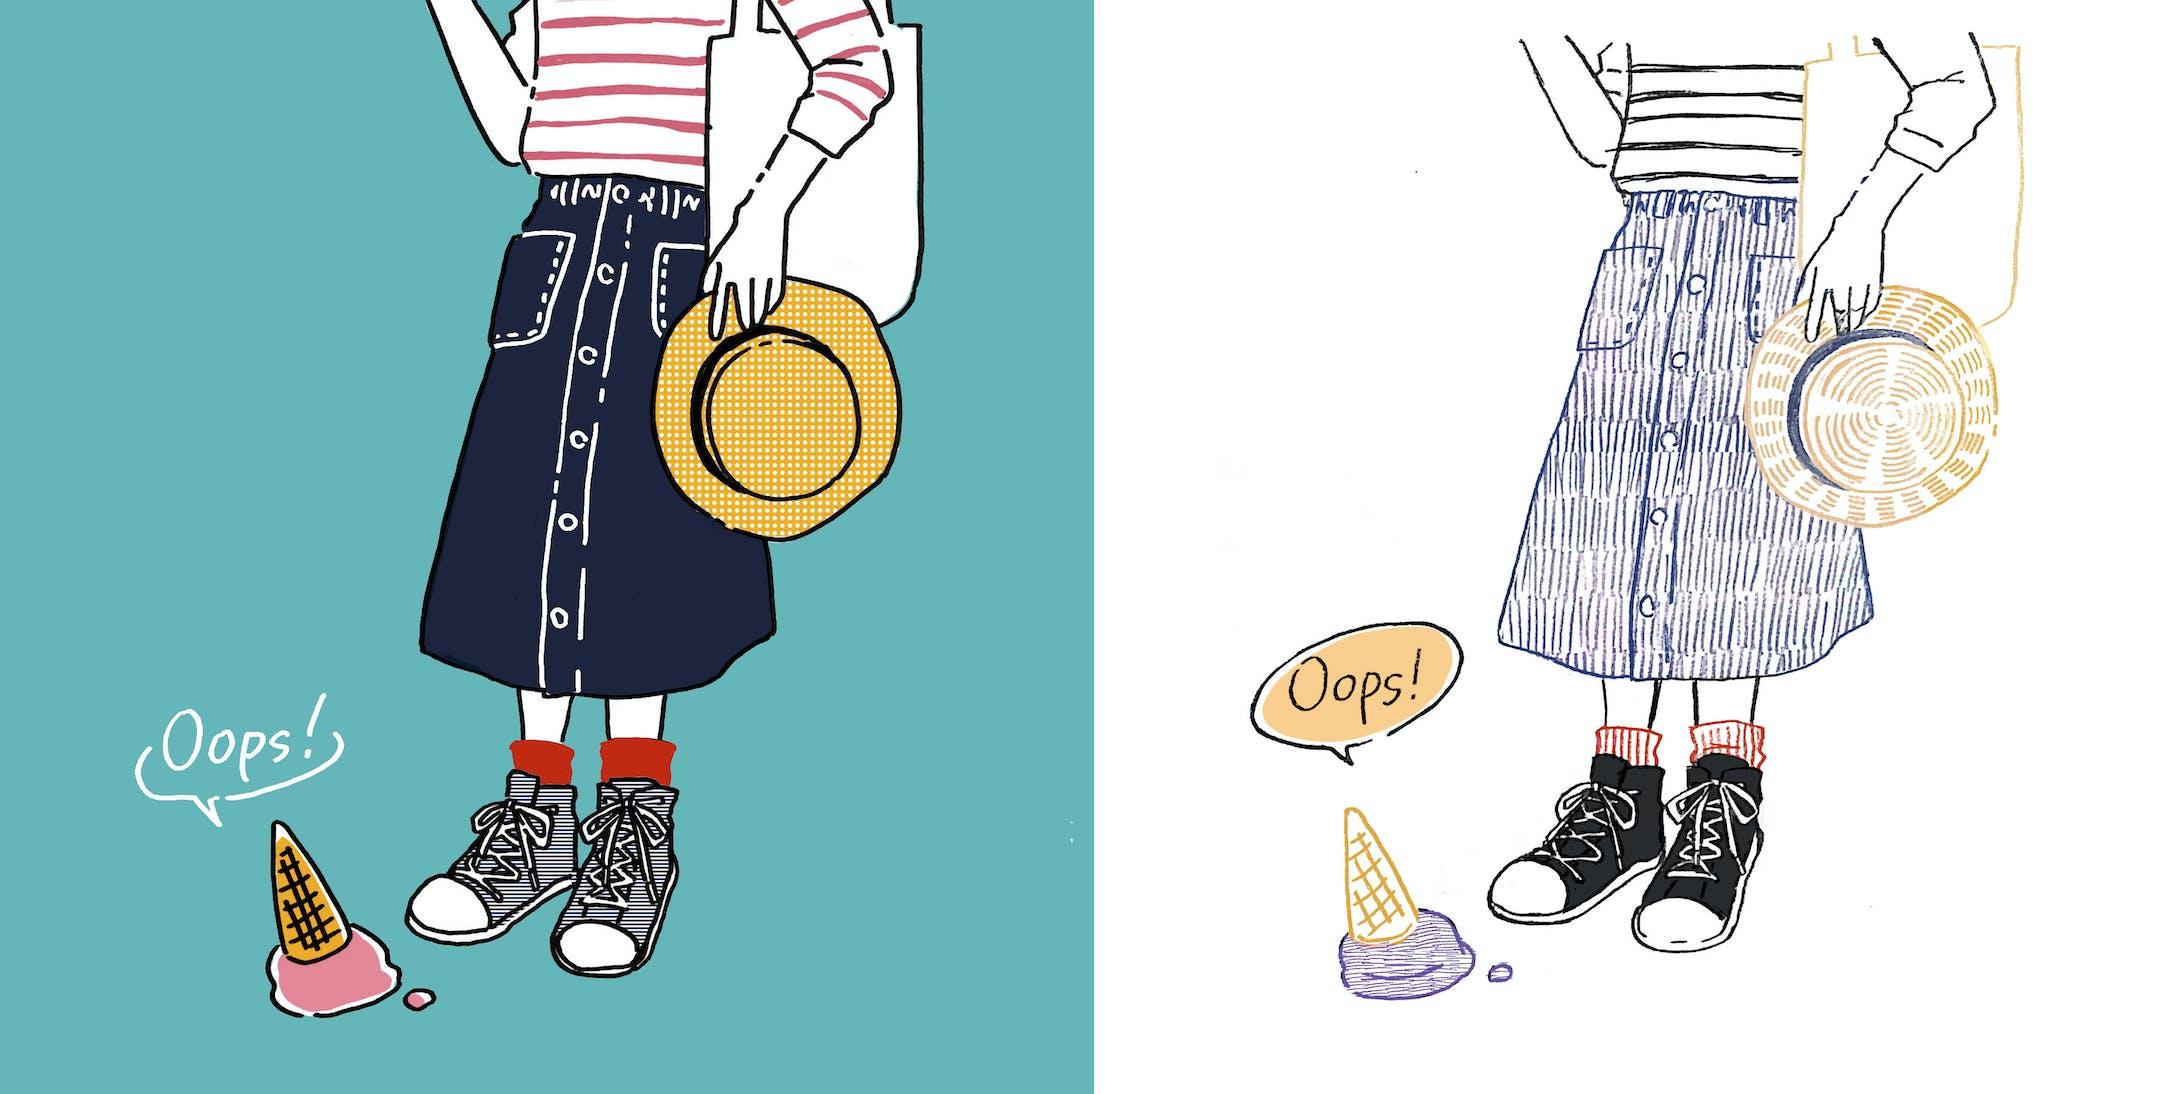 【ファッションイラスト】oops!-1